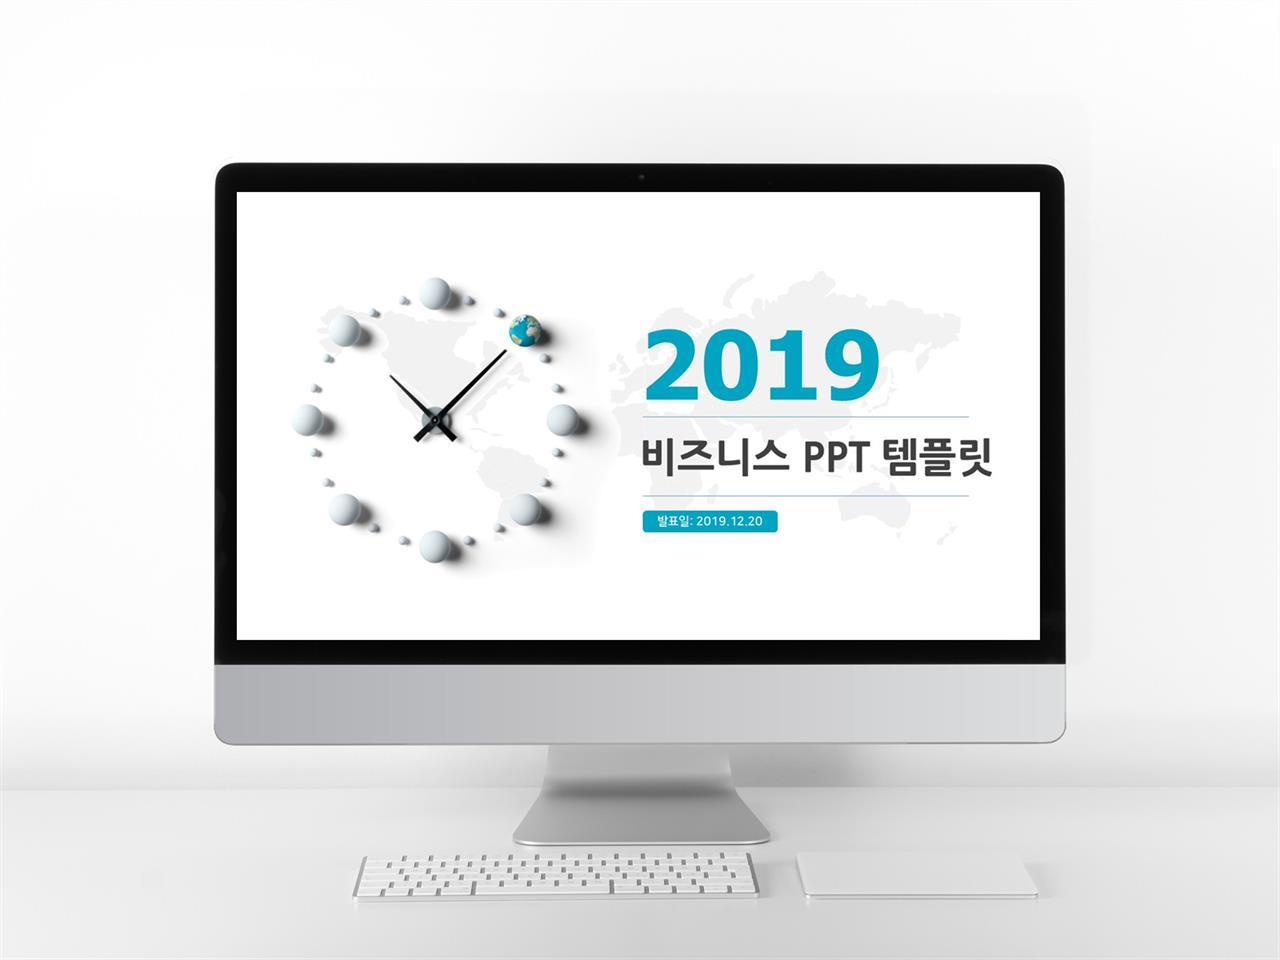 사업융자 컬러 손쉬운 고퀄리티 POWERPOINT샘플 제작 미리보기